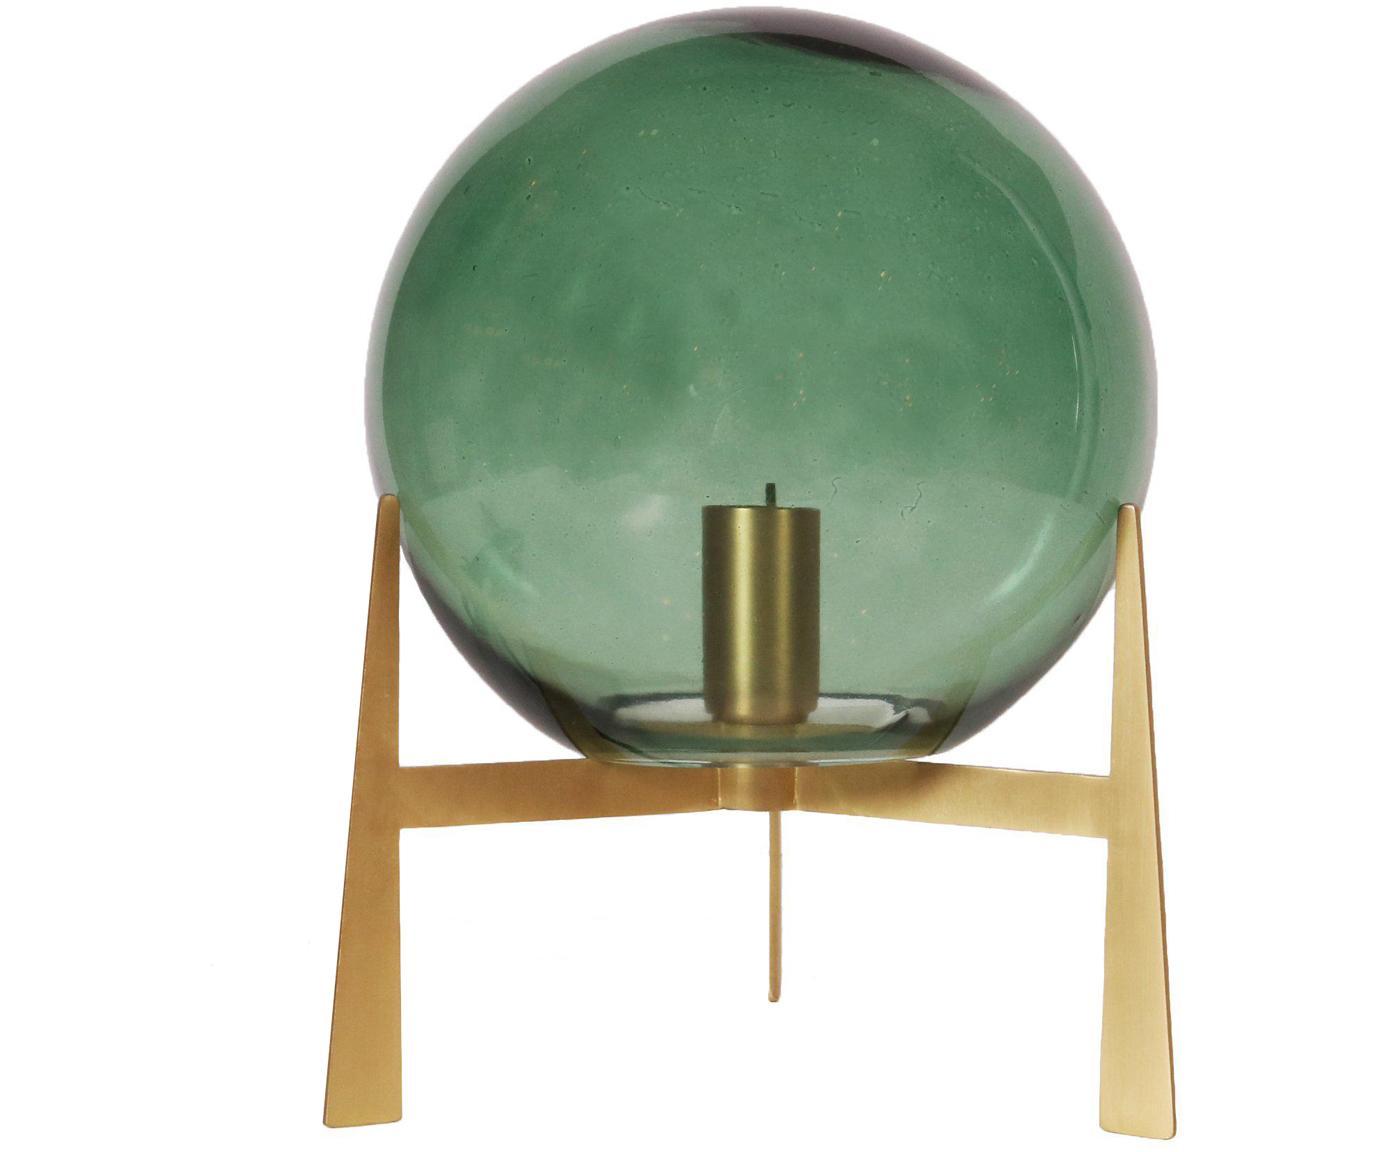 Tischleuchte Milla aus Glas, Lampenschirm: Glas, Lampenfuß: Messing, Grün, Messingfarben, Schwarz, Ø 22 x H 28 cm